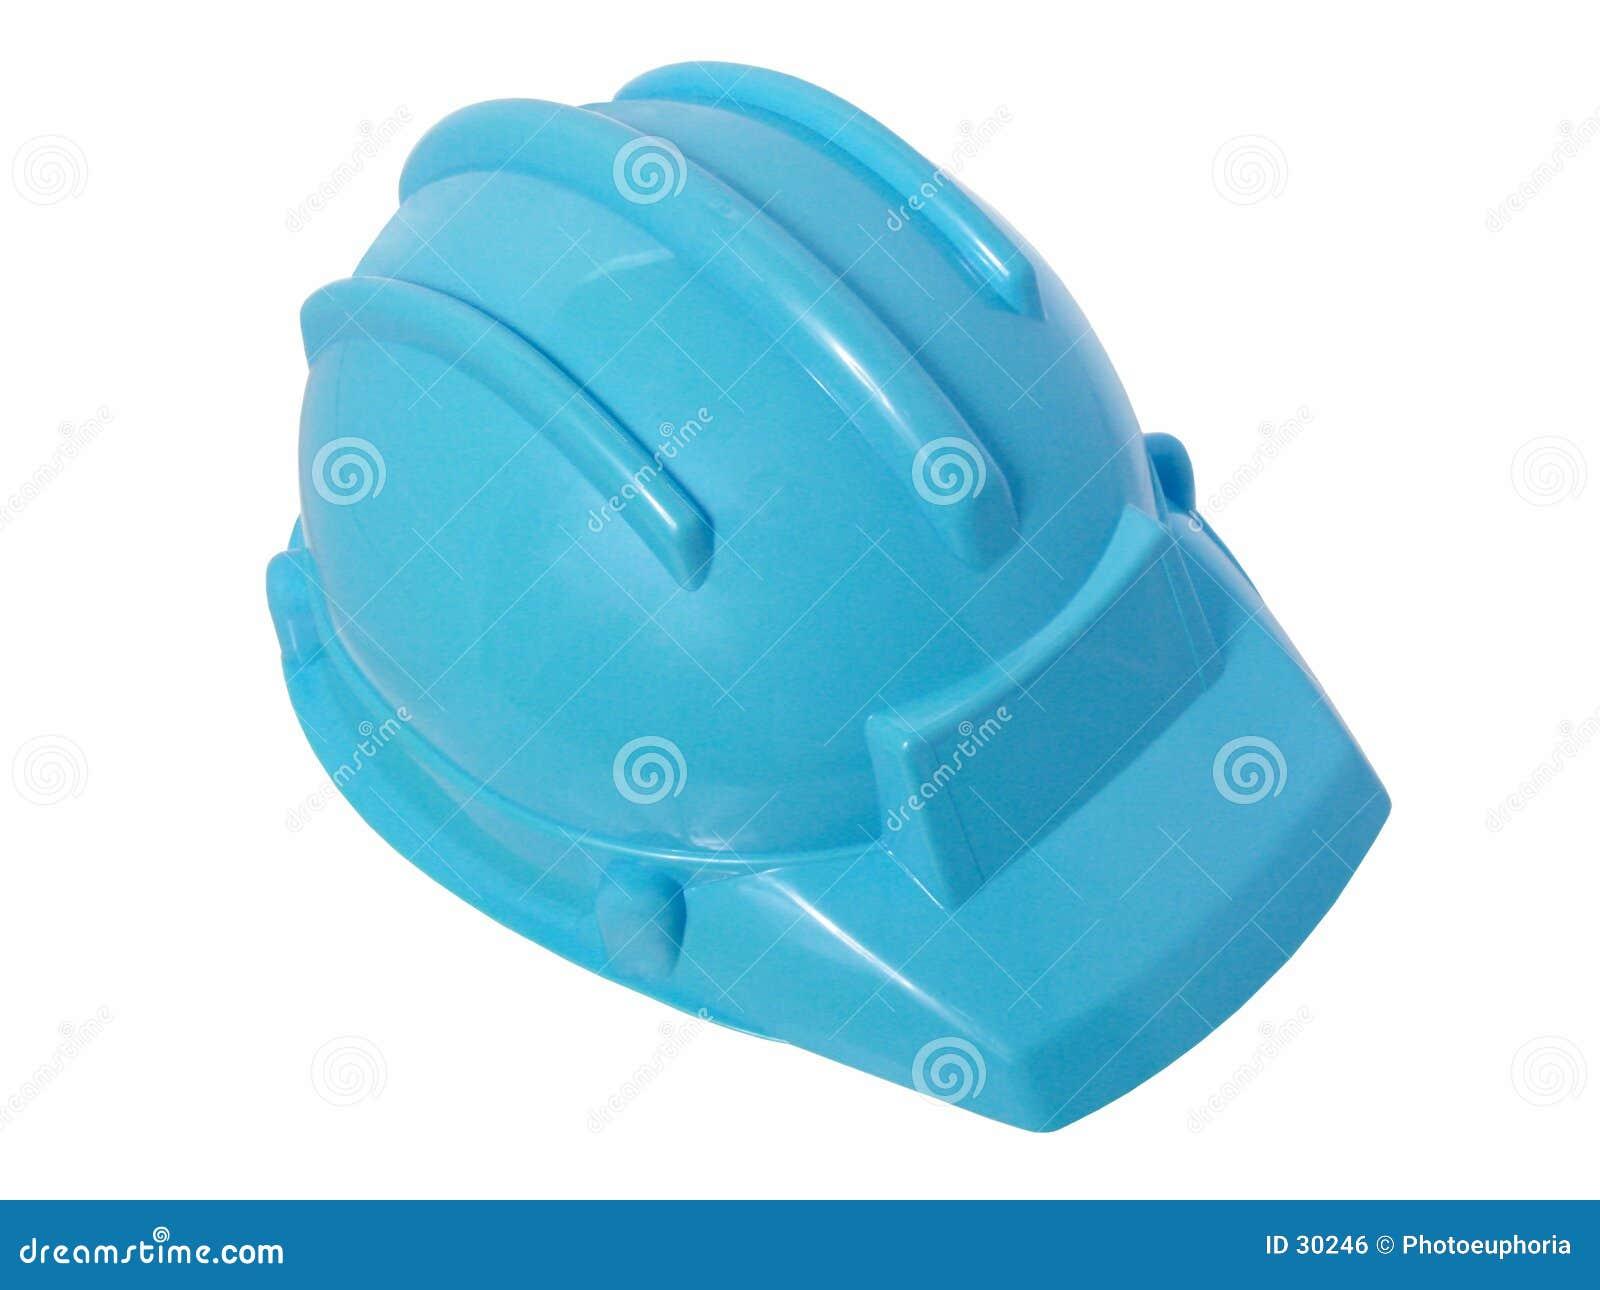 μπλε φωτεινά πλαστικά παιχνίδια κρανών κατασκευής